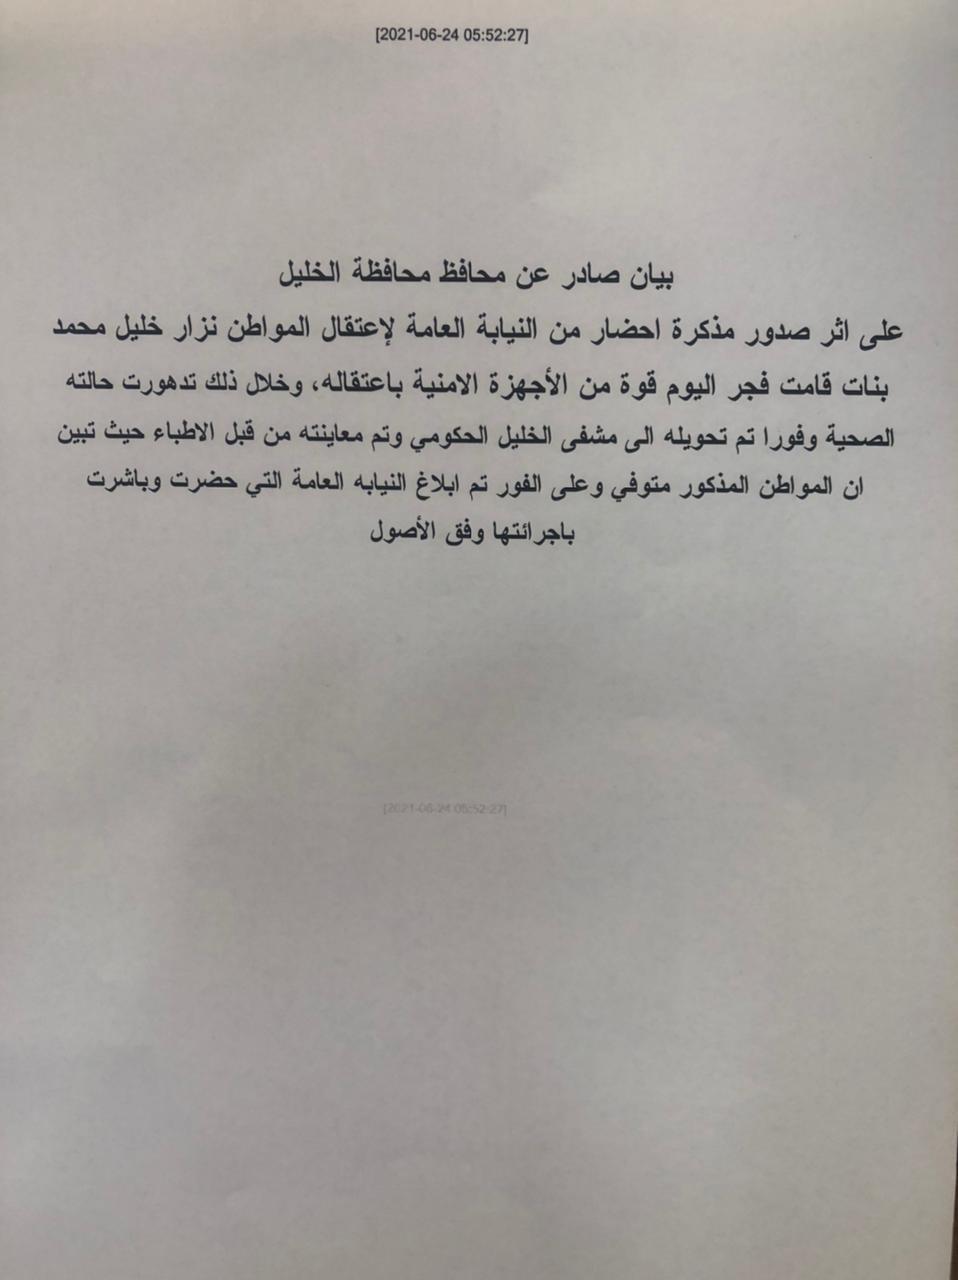 وفاة الناشط الحقوقي المعارض للسلطة نزار بنات خلال اعتقاله من قبل الأمن الفلسطيني!